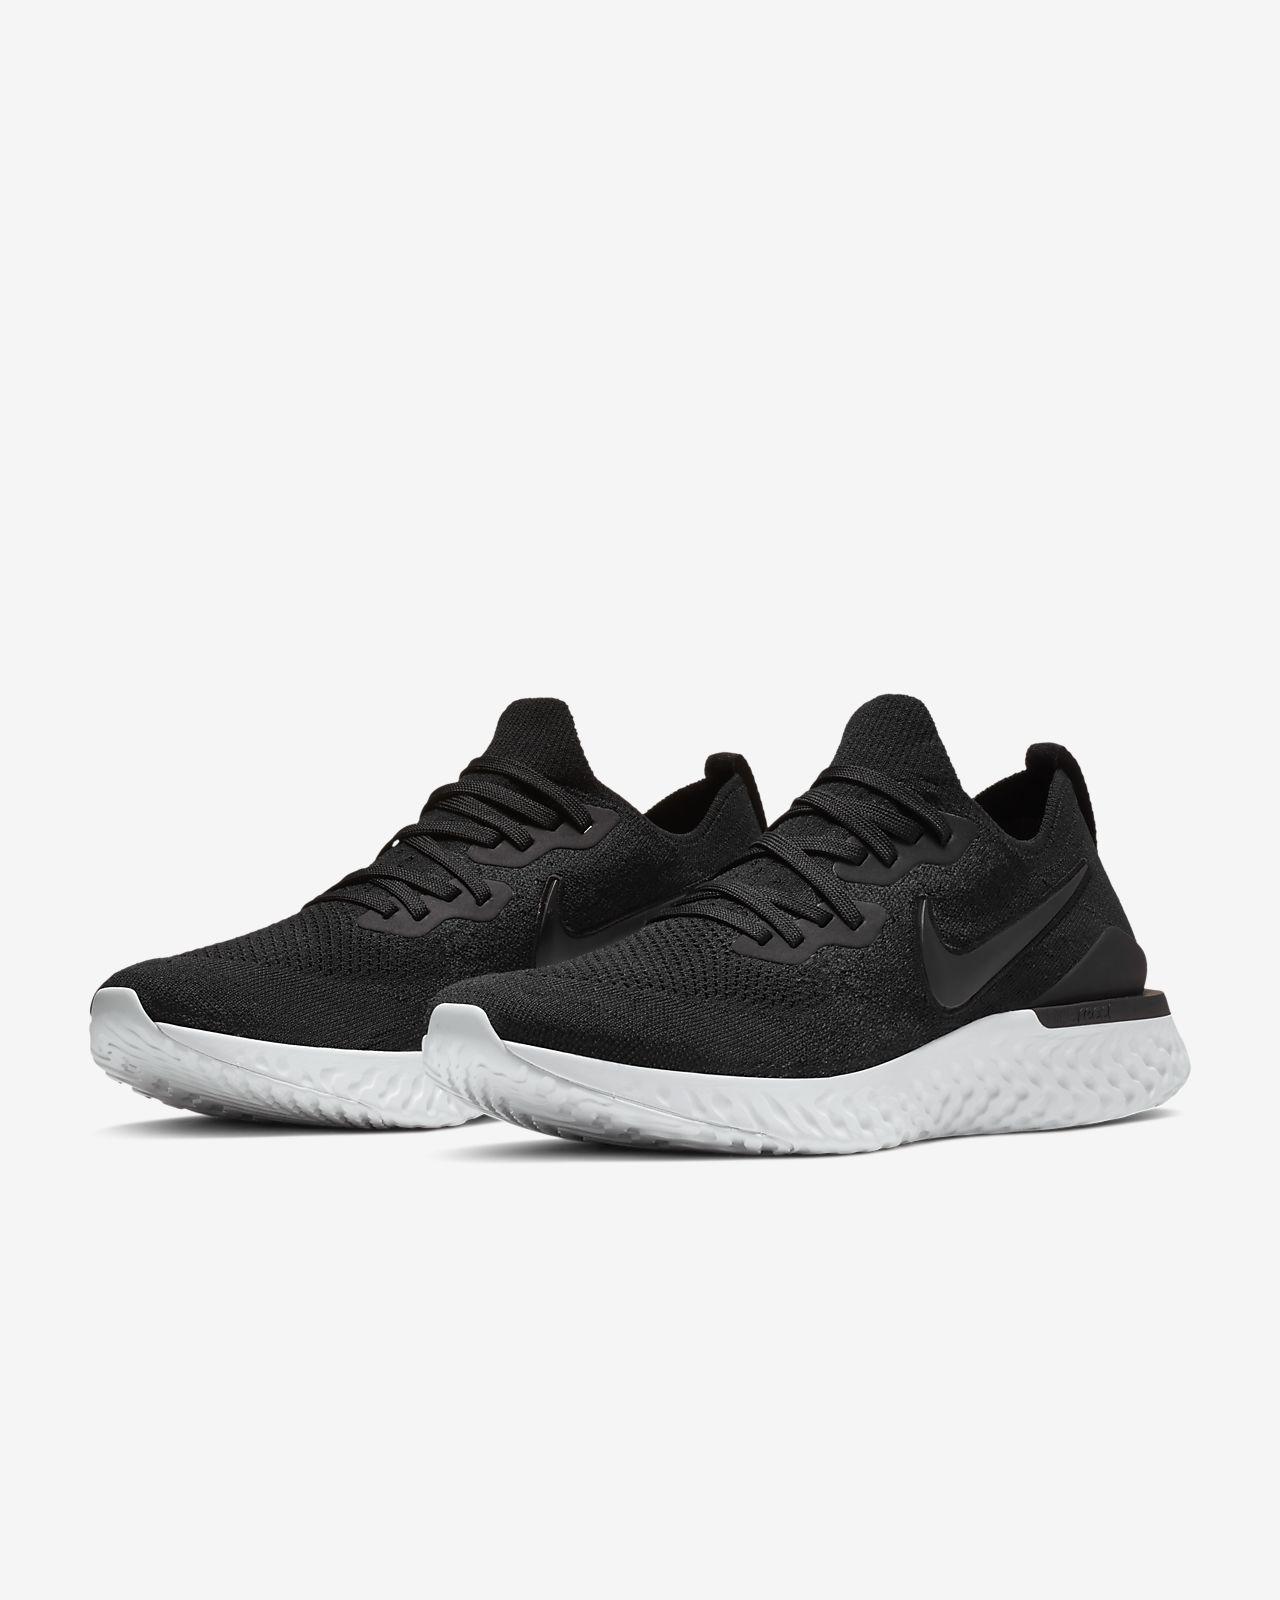 5830691d9d7ebf Nike Epic React Flyknit 2 Men s Running Shoe. Nike.com NL